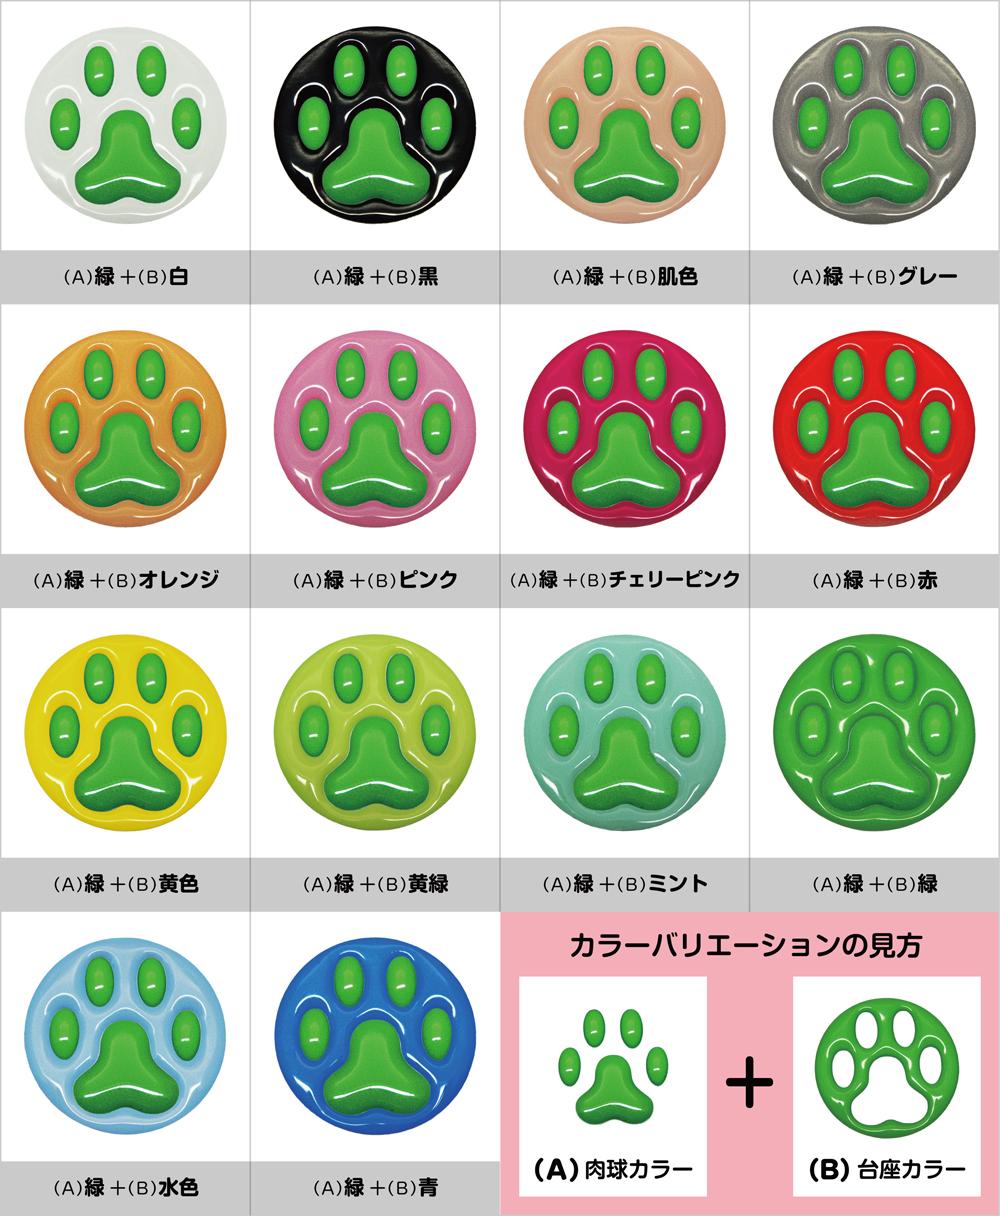 ぷっくり肉球シール 緑色タイプ 14種